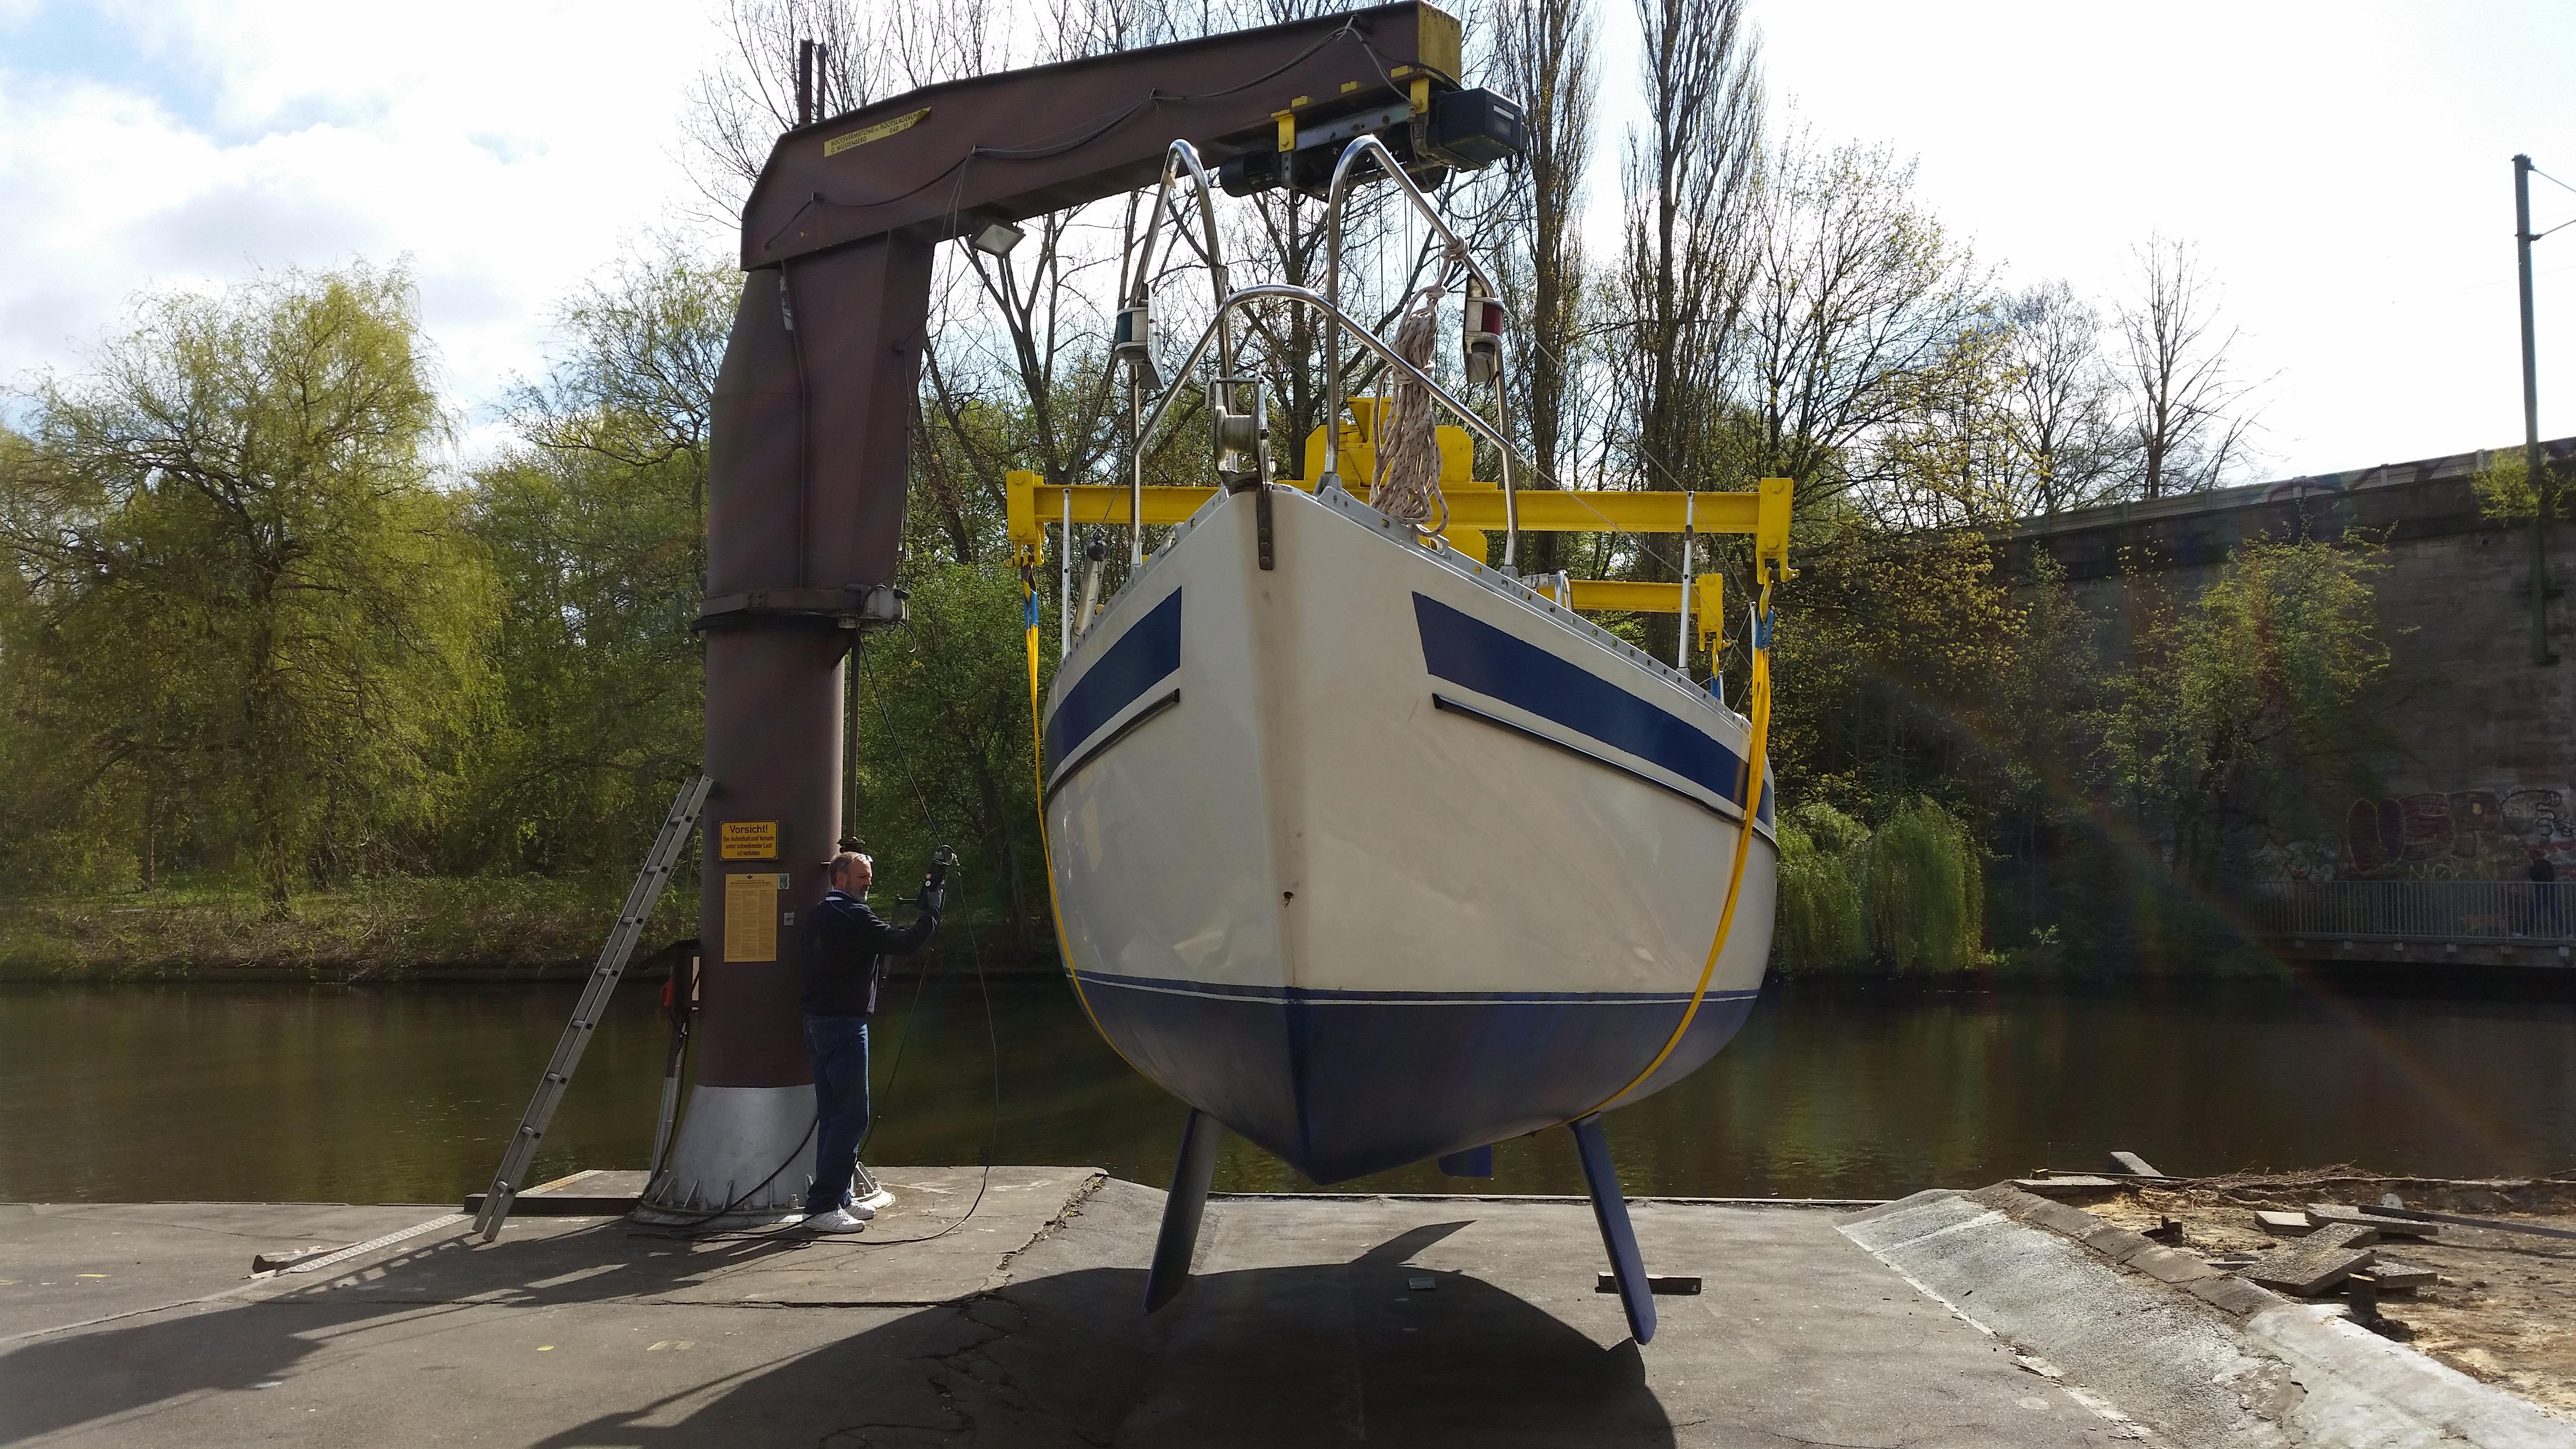 Werftkran am Alsterlauf beim Anleger Hamburg